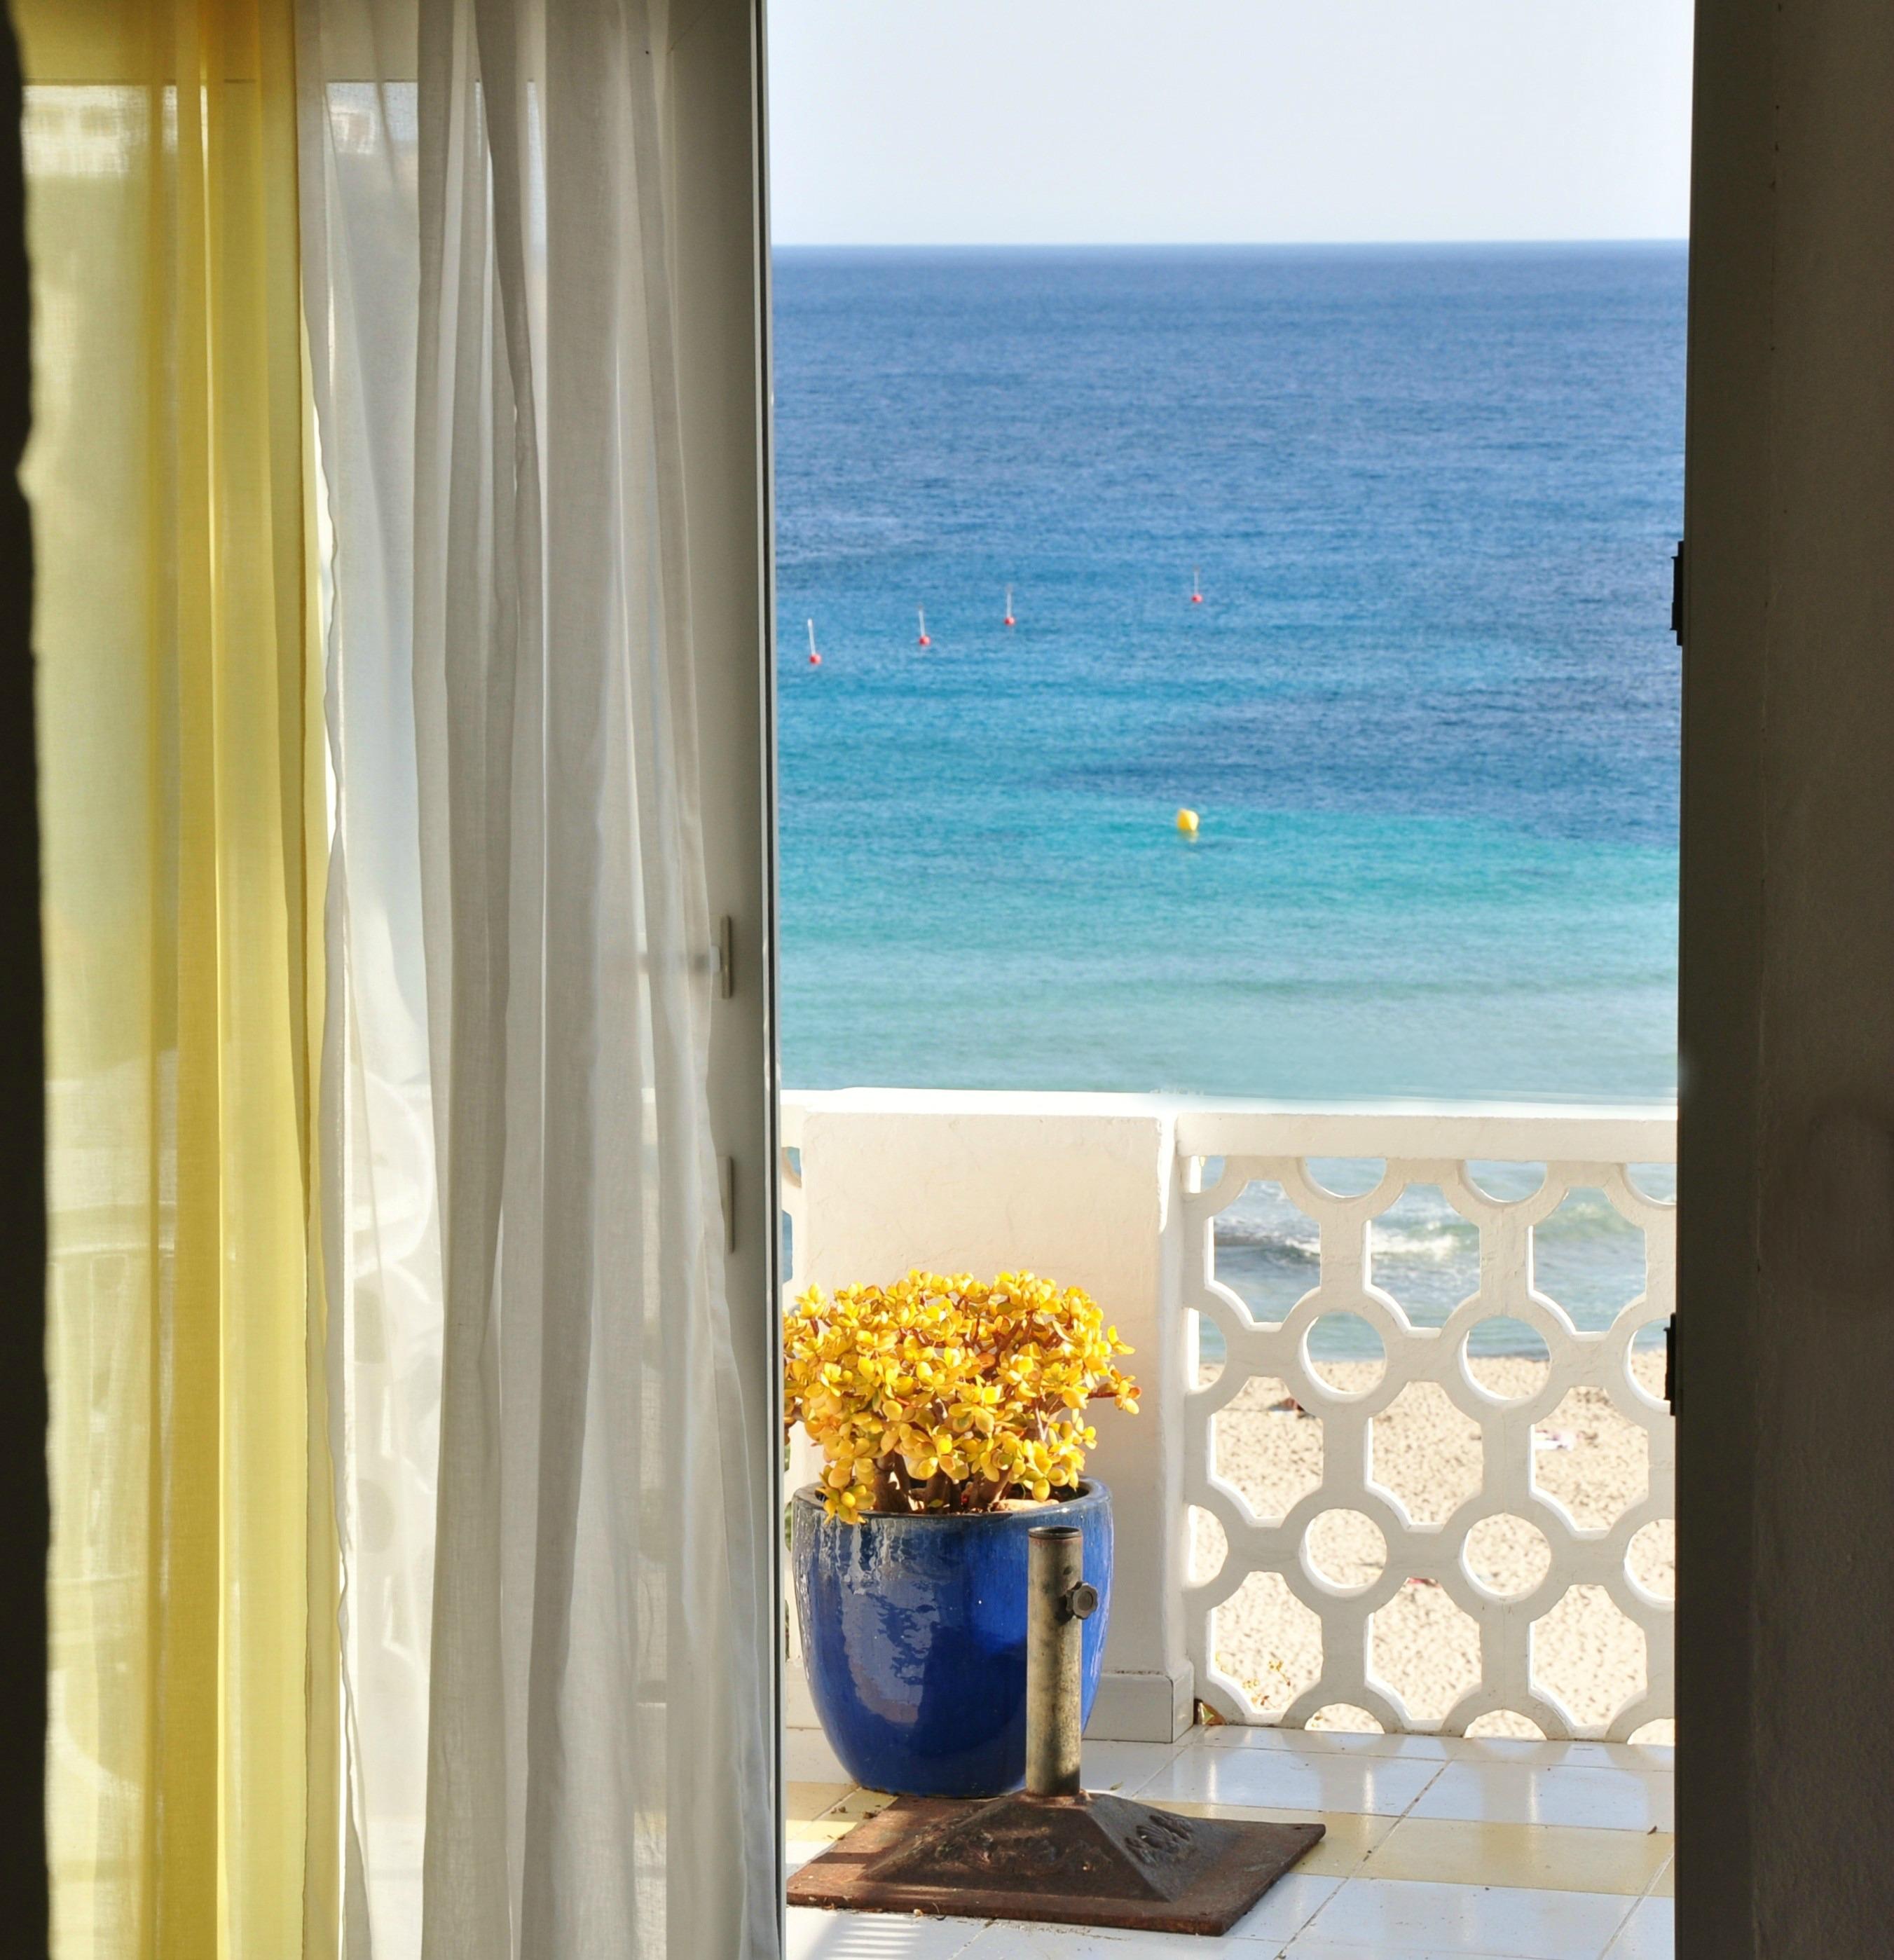 Wohnung mit Terrasse mit Blick auf das Meer herrlicher Blick auf das Mittelmeer Wi Fi